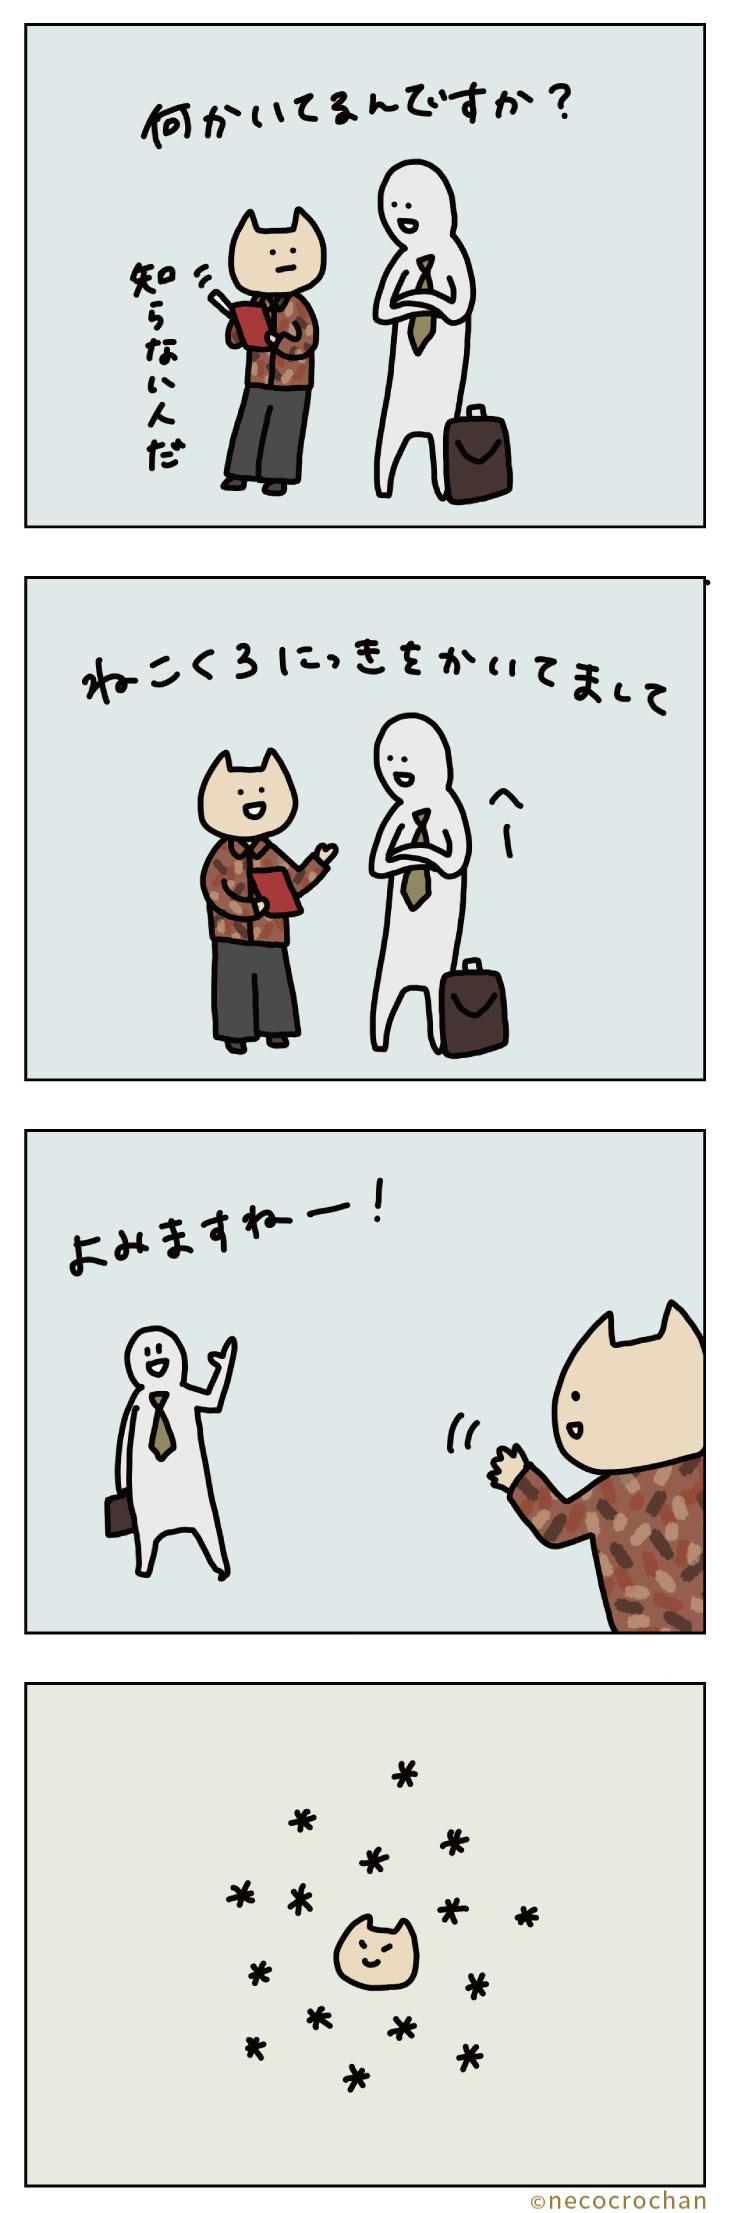 4コマ漫画ねこくろにっき「ねこくろひろまる」